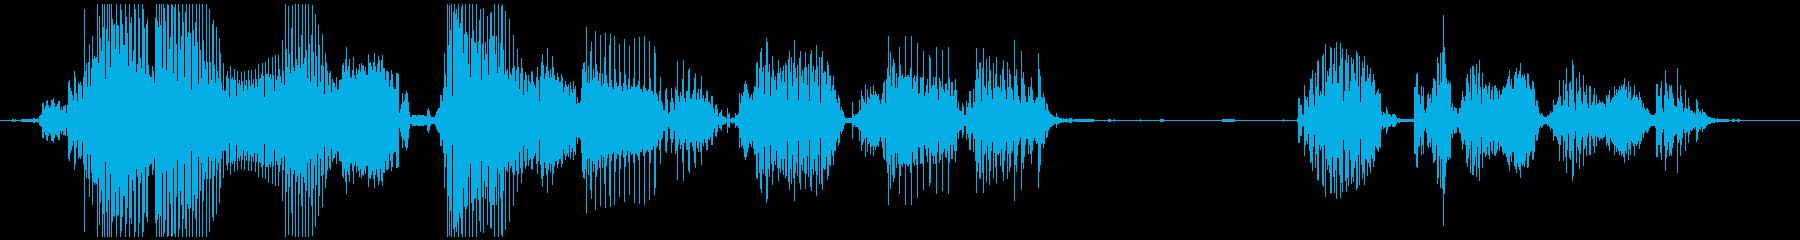 御覧のスポンサーの提供でお送りしましたの再生済みの波形